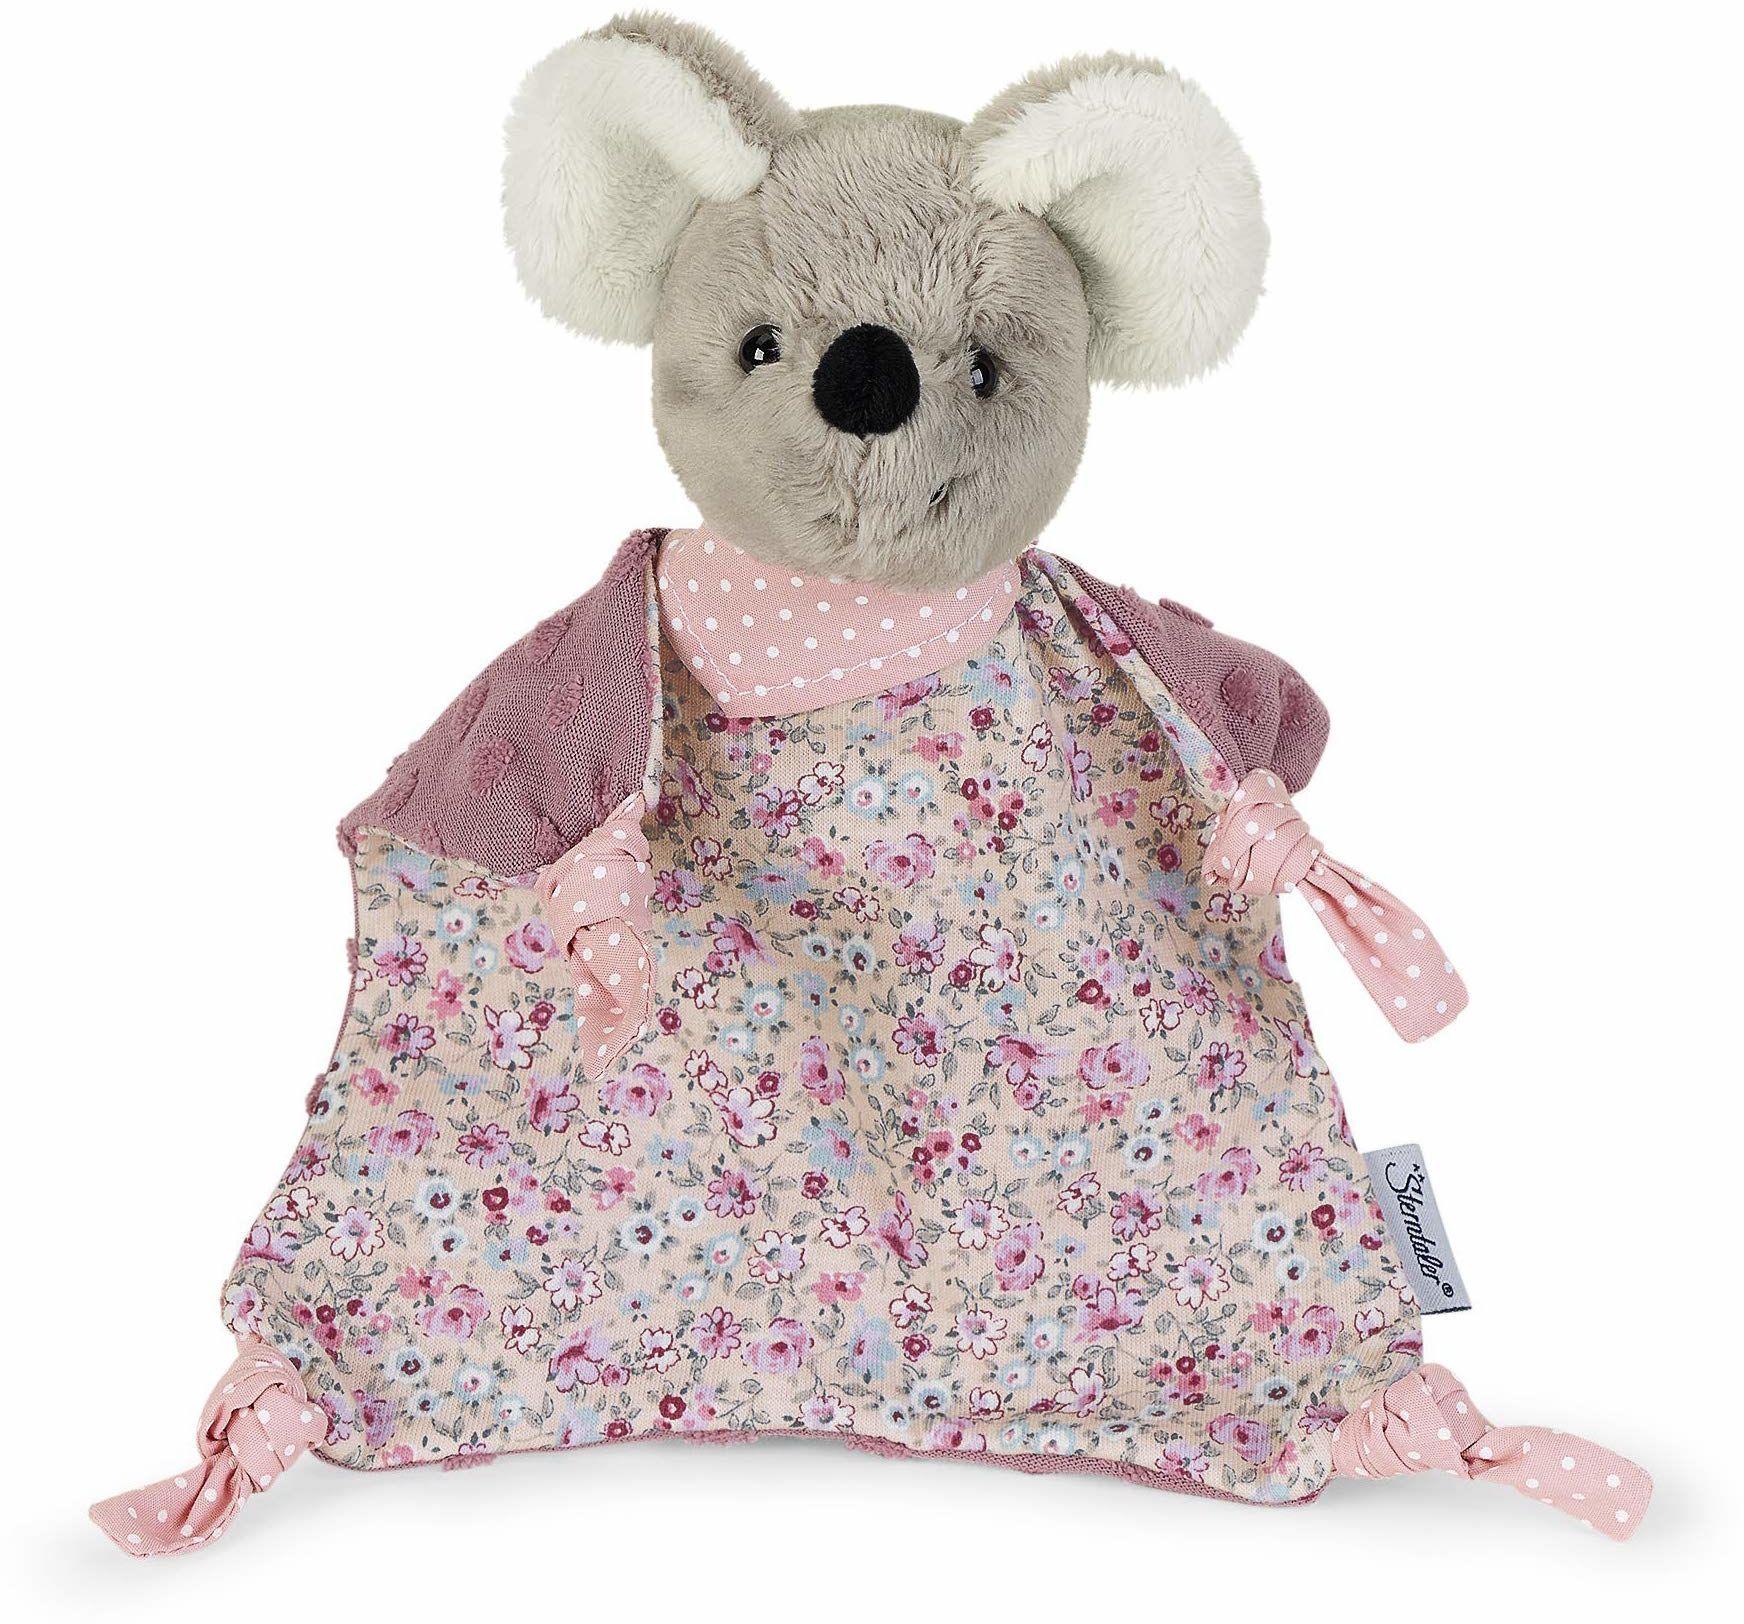 Sterntaler Ręcznik do przytulania myszy, dla dzieci od 1. miesiąca, rozmiar M, 36 cm, szary/wielokolorowy